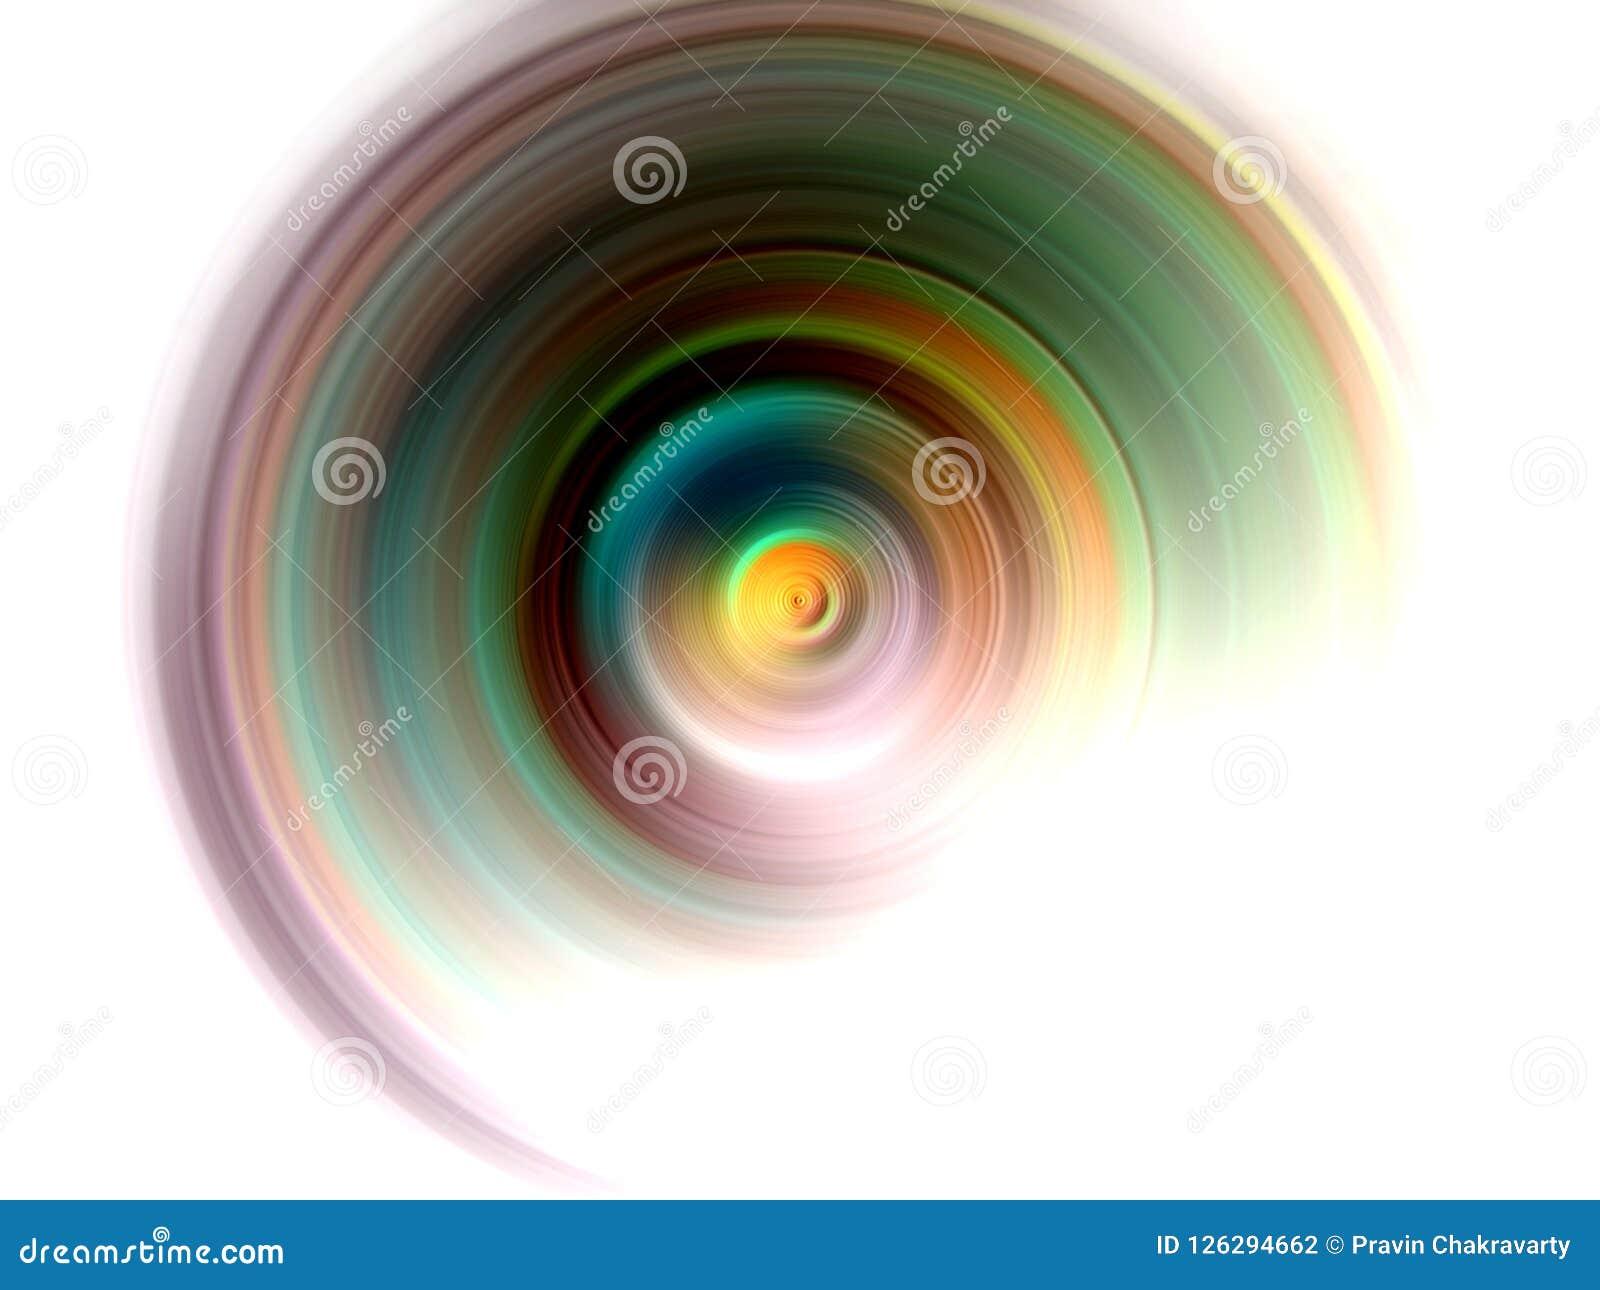 Multicolored radiaal vaag in de schaduw gesteld behang als achtergrond levendige kleuren vectorillustratie